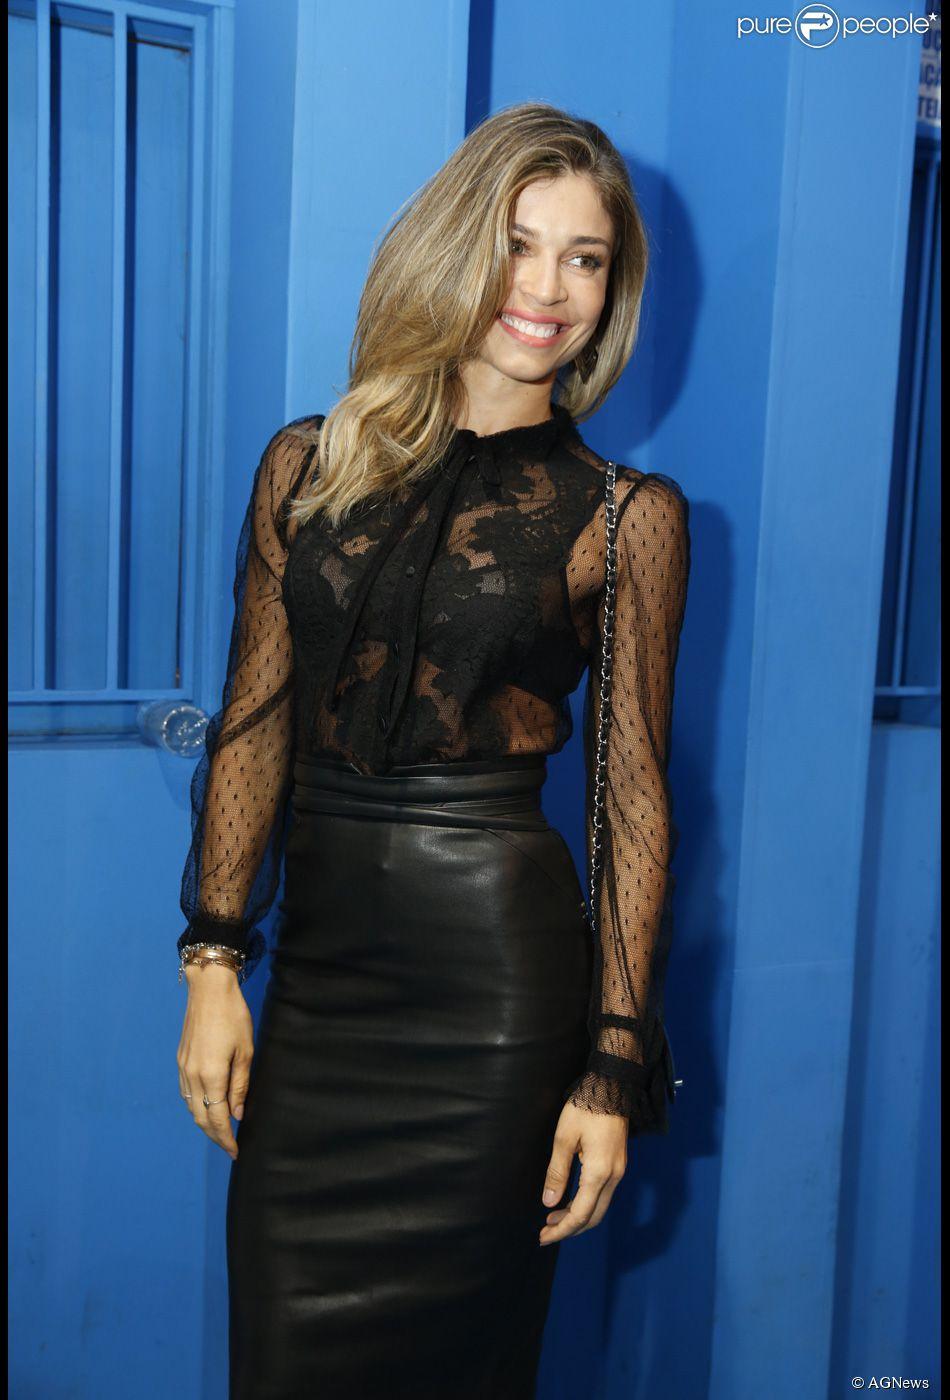 Grazi Massafera vai interpretar Vitória, uma prostituta na novela 'Verdades Secretas', conta a coluna 'Telinha' do jornal 'Extra', desta quarta-feira, 18 de março de 2015